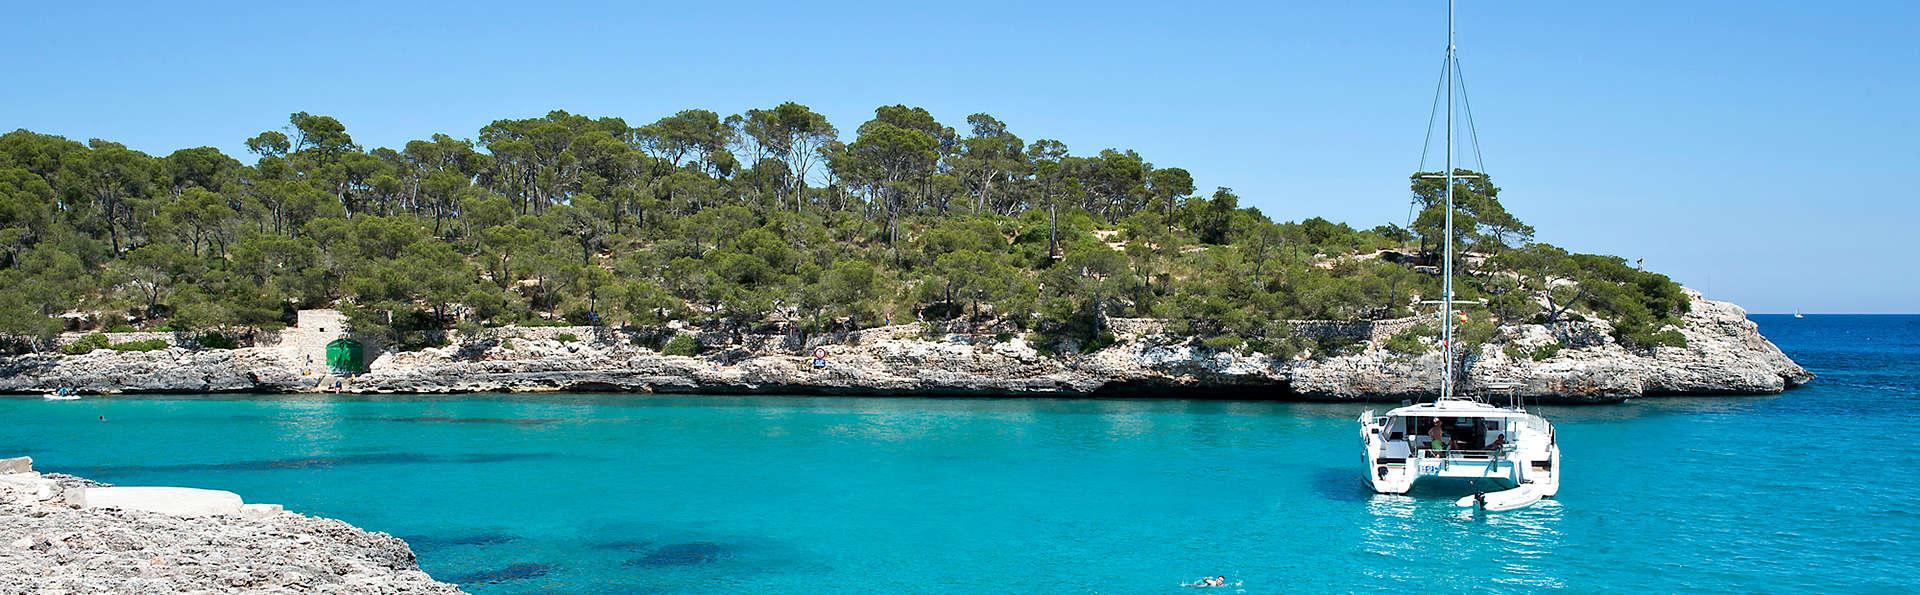 Apartotel Pierre & Vacances Mallorca Cecilia - EDIT_N2_Cala-S_amarador2.jpg